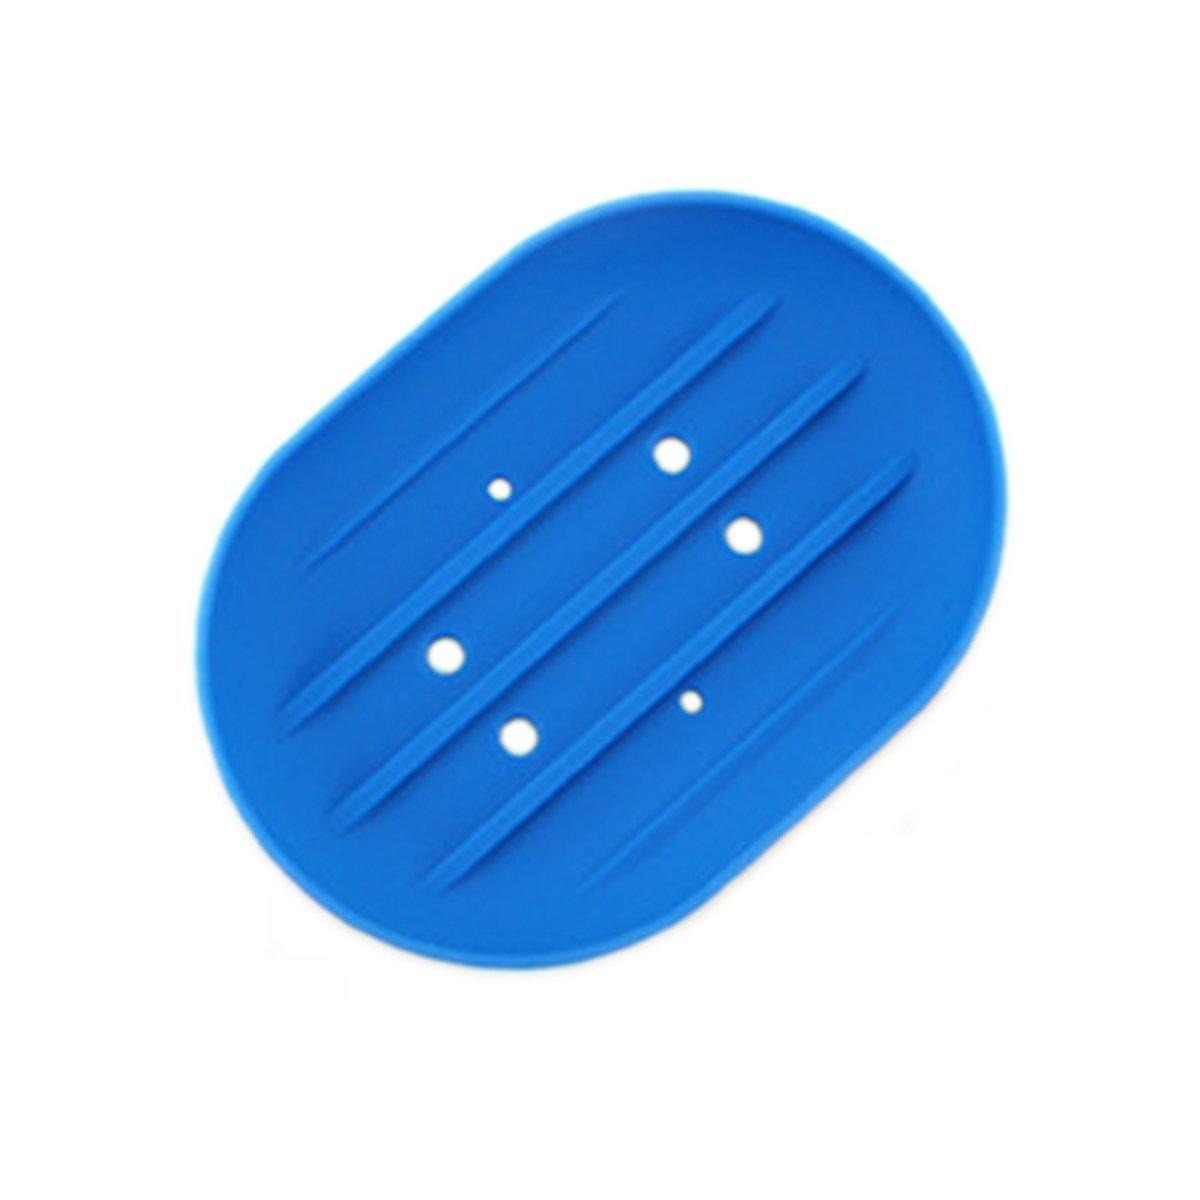 BLxi - Jabonera de Silicona para jabón (Azul)